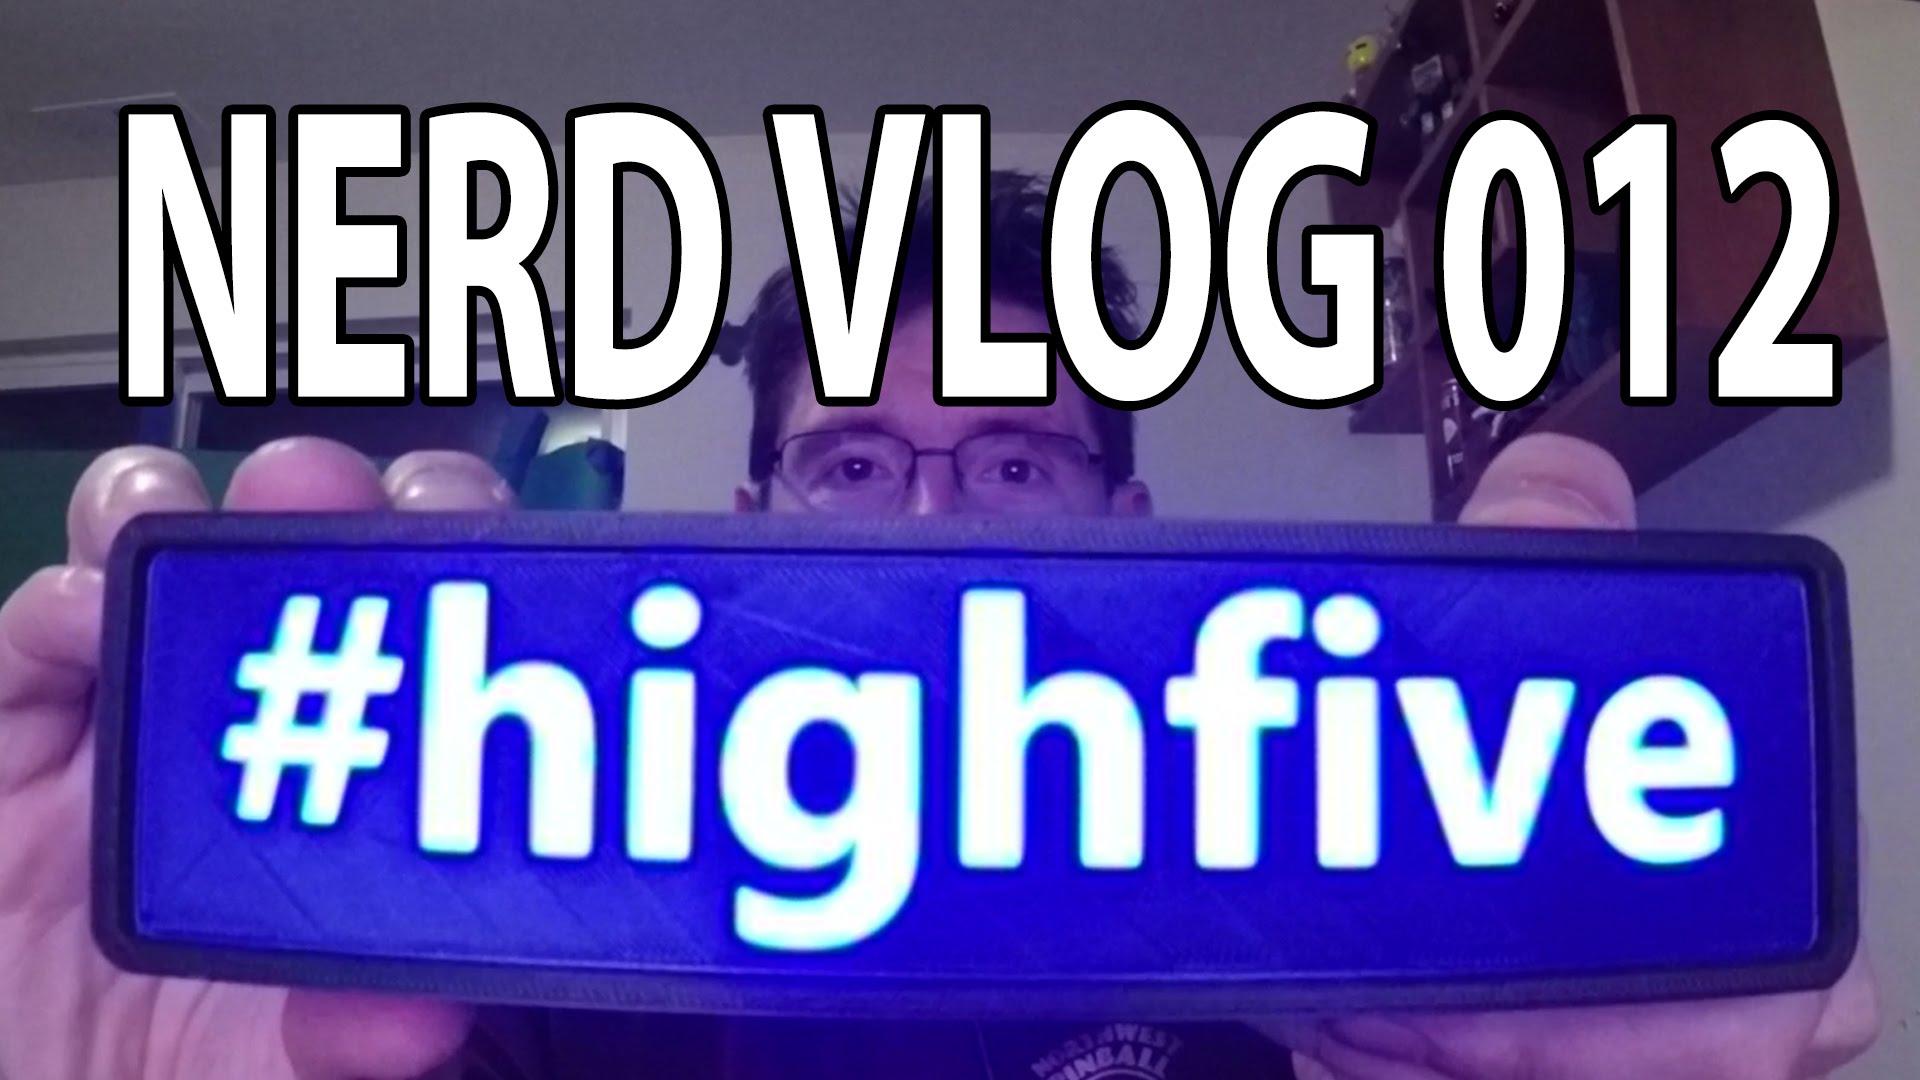 Nerd Vlog 012 – Printers, printers, and more printers!